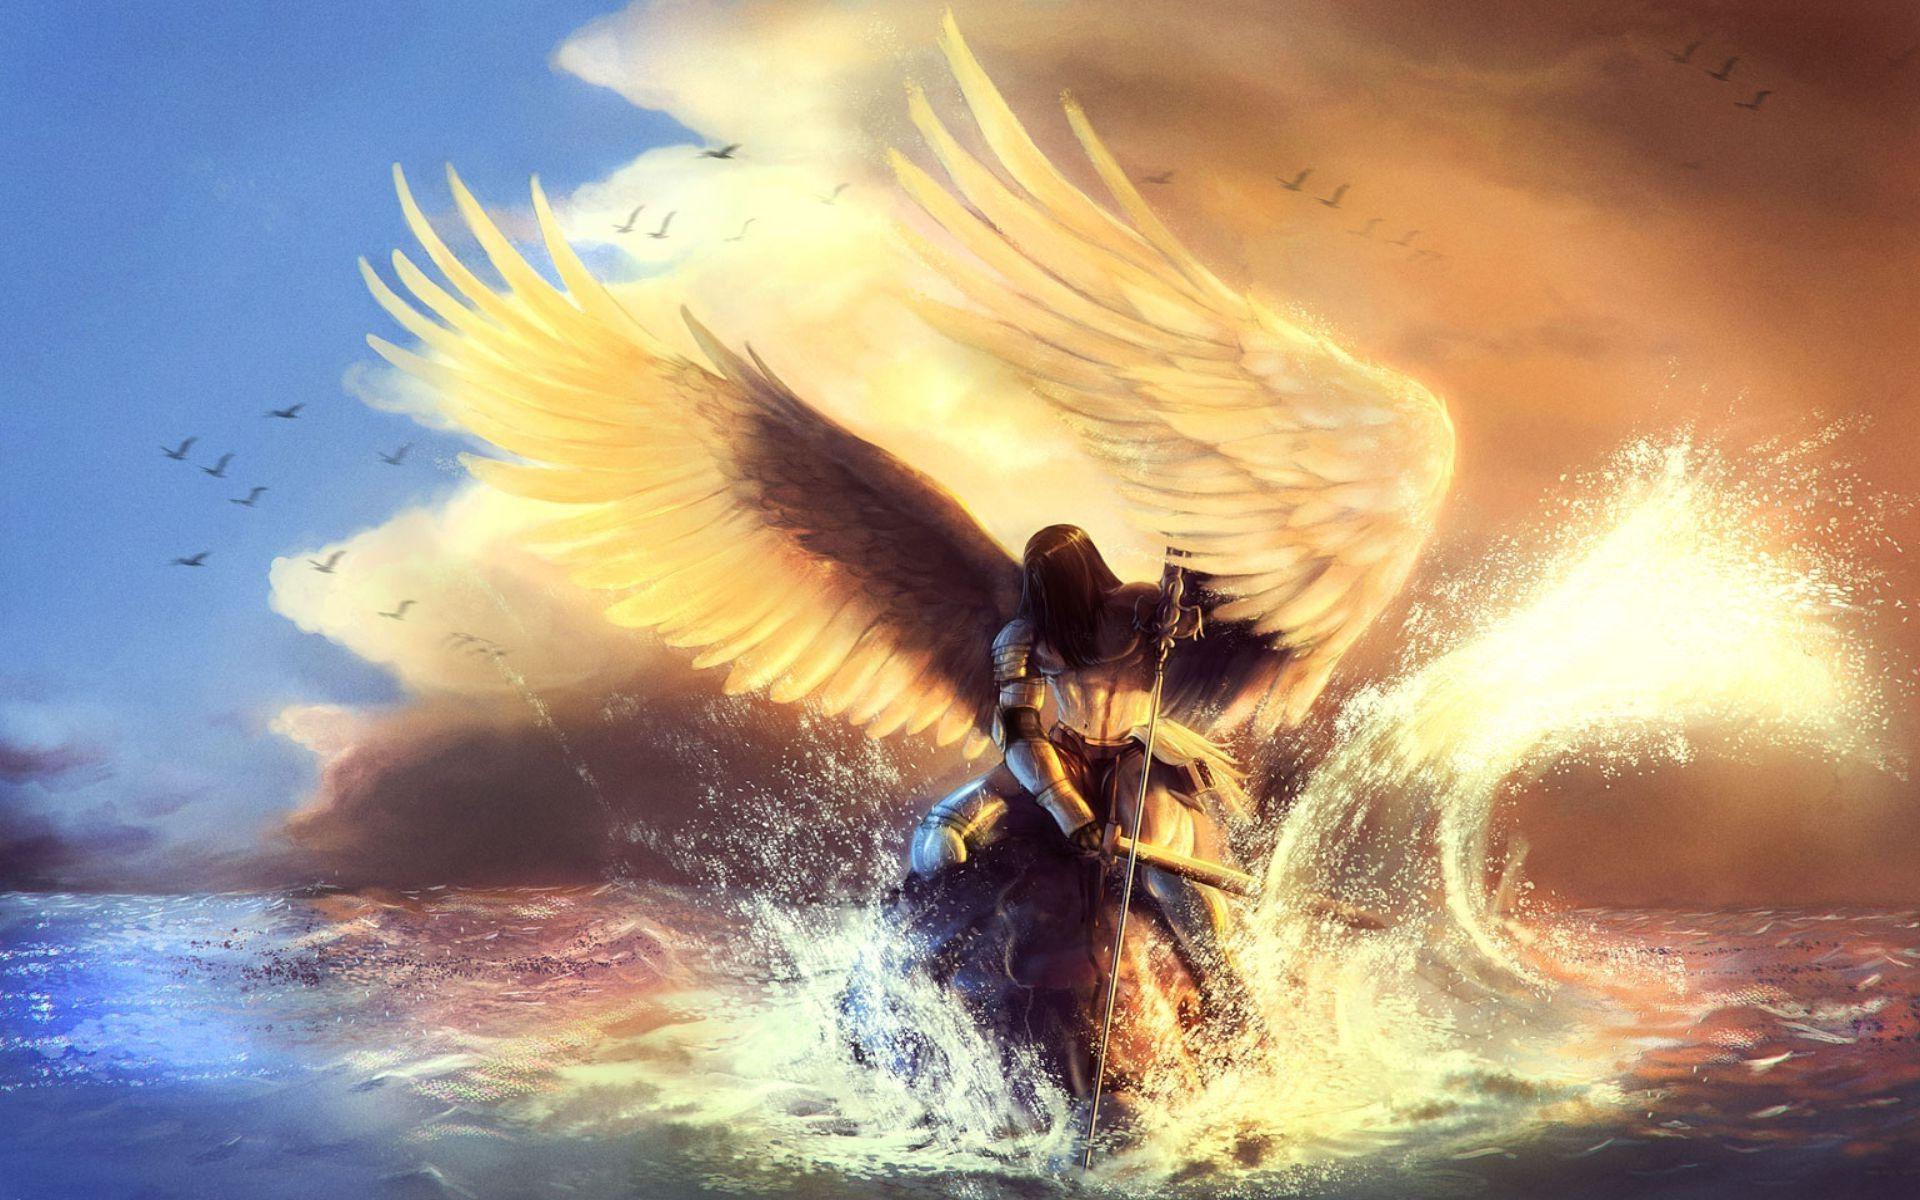 1200x1600 Wallpaper Hd: Angels Landing Wallpaper